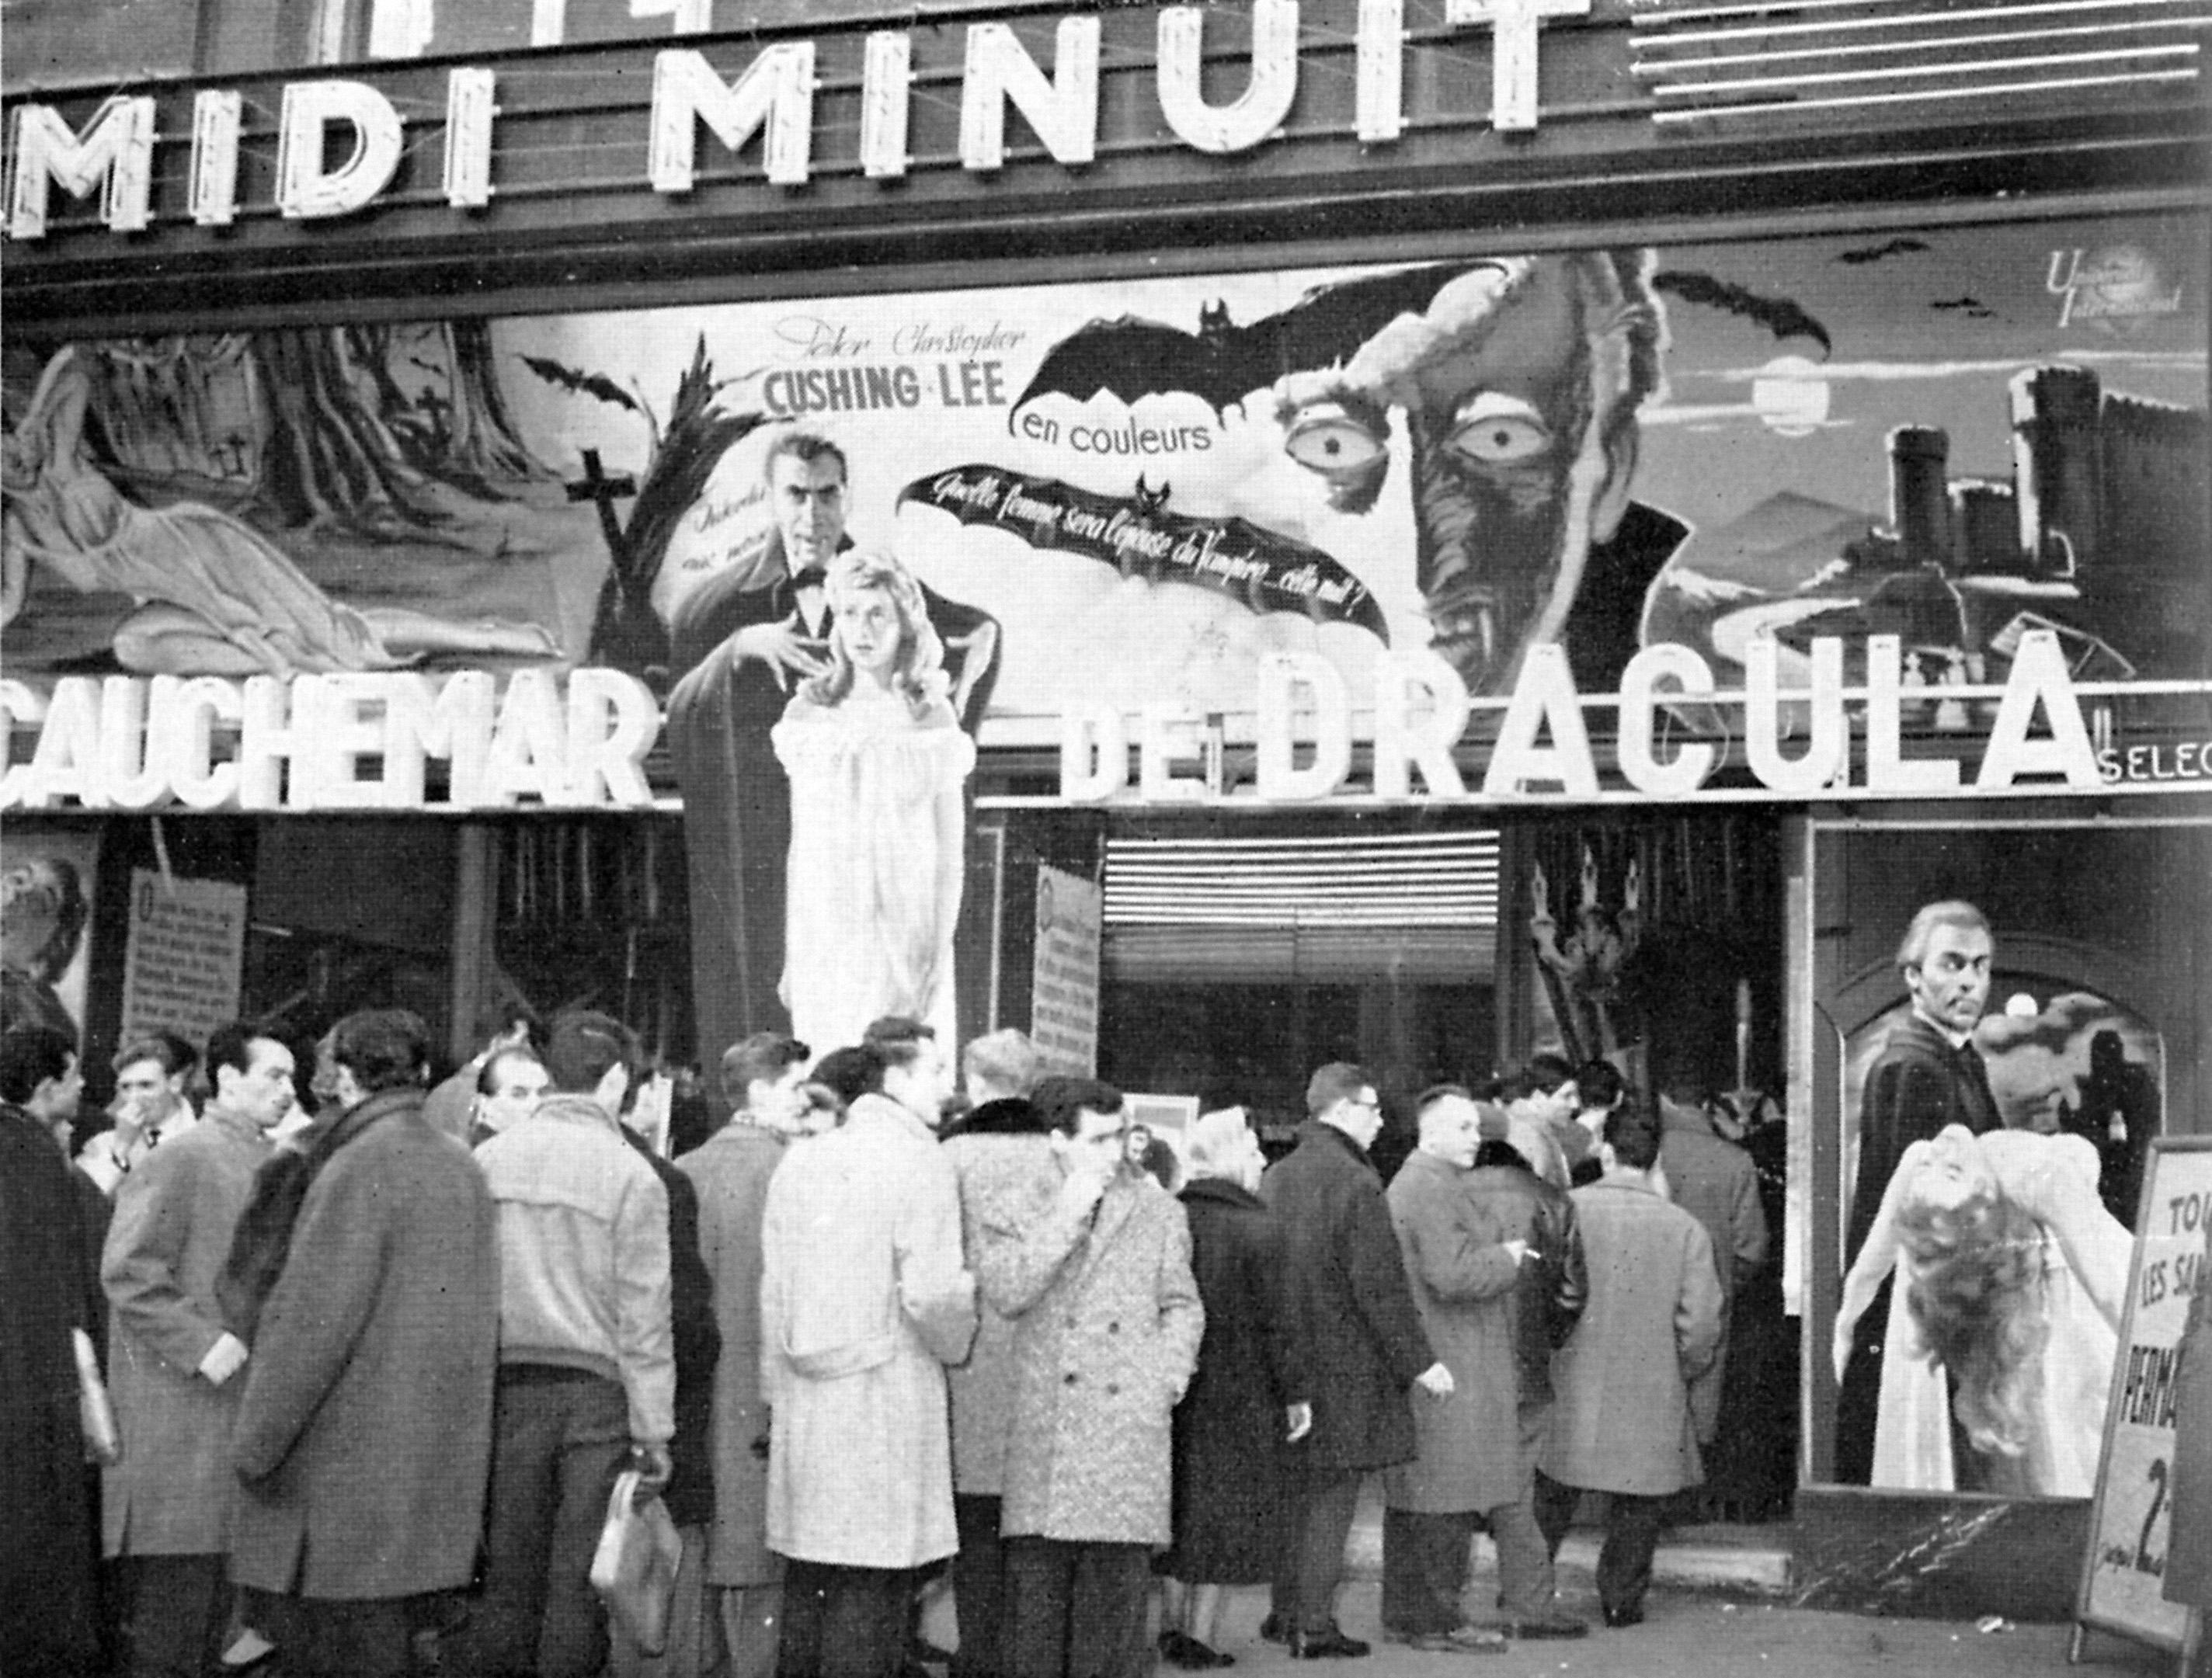 Vos années 70 en matière de jeux vidéo et électroniques Le_cin%C3%A9ma_le_Midi-Minuit_1959-300dpi